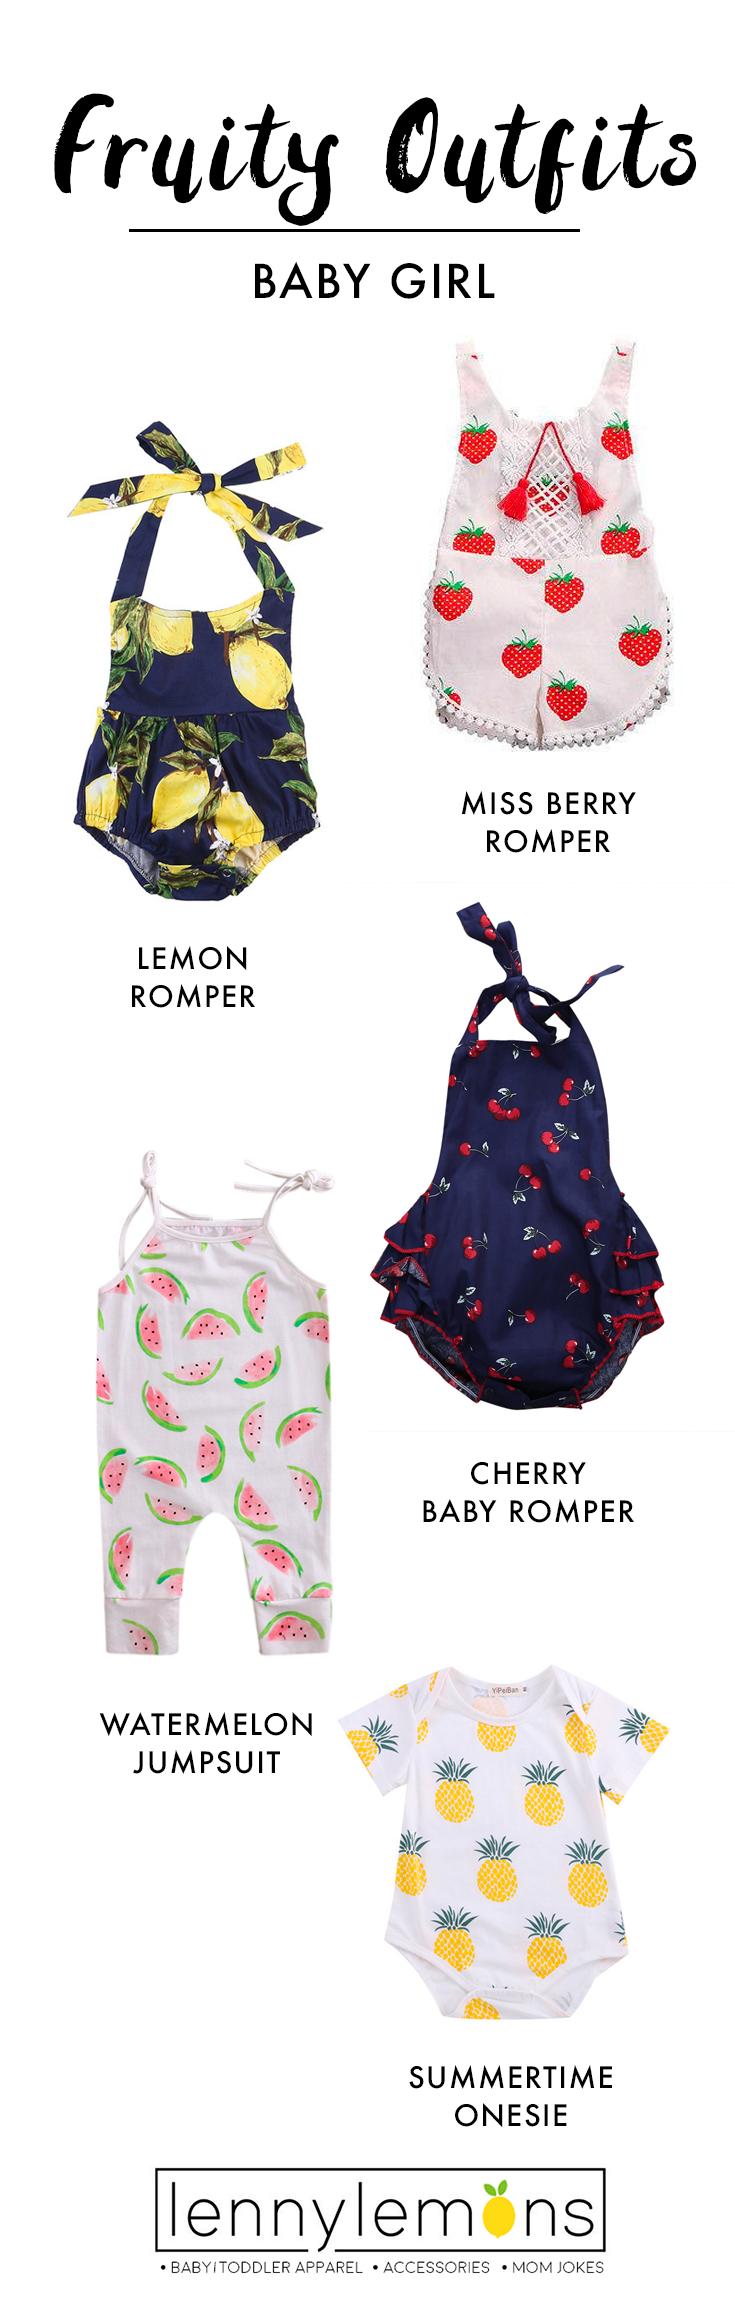 Summer Rainbow Stripes Bodysuit Hot Red Skirt Girl Baby Dress NB-18Month